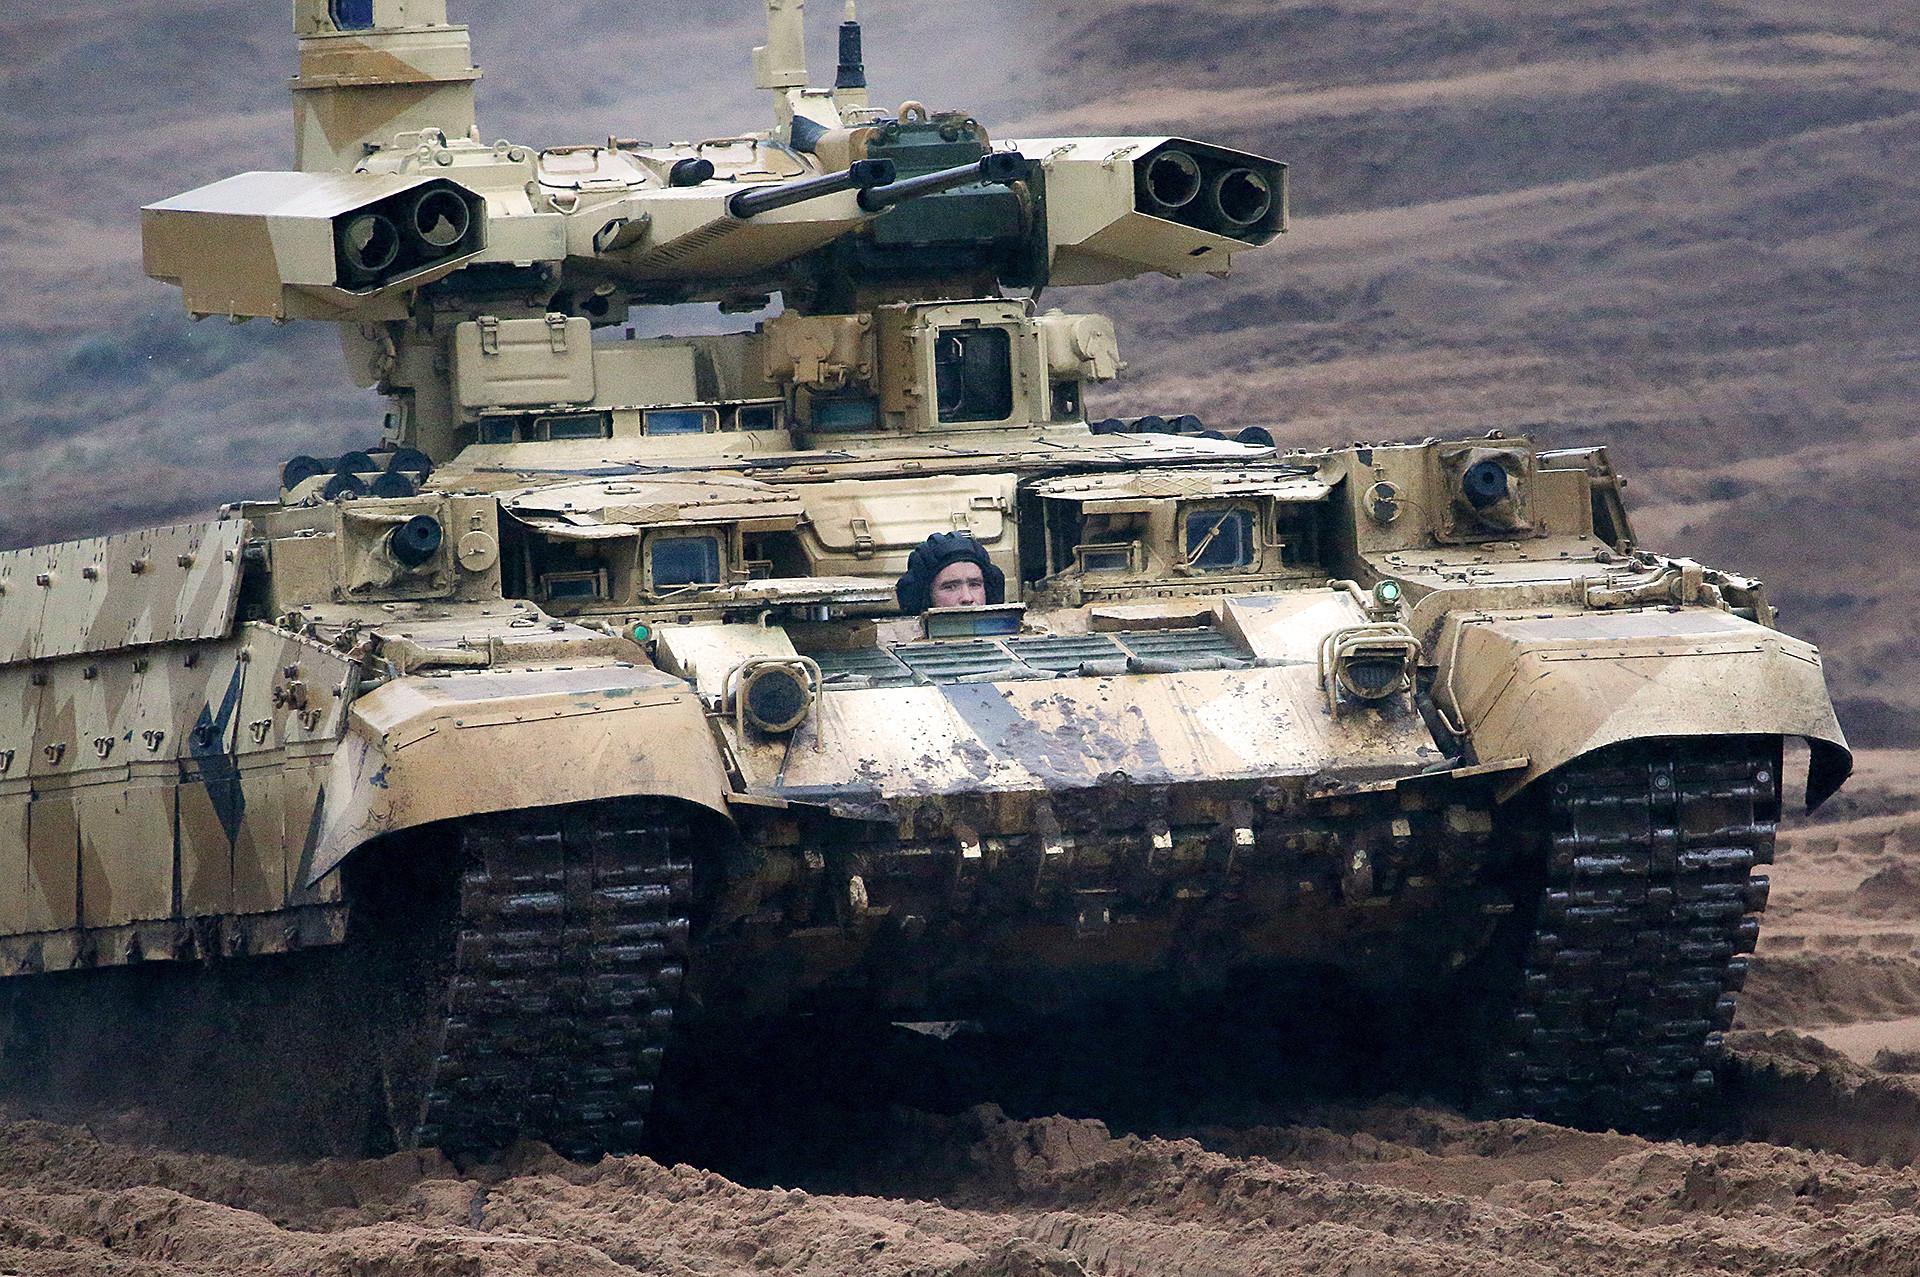 """Тешко оклопно борбено возило за подршку тенкова """"Терминатор 2"""" на војној вежби """"Запад 2017"""", коју су заједнички извеле оружане снаге Русије и Белорусије."""